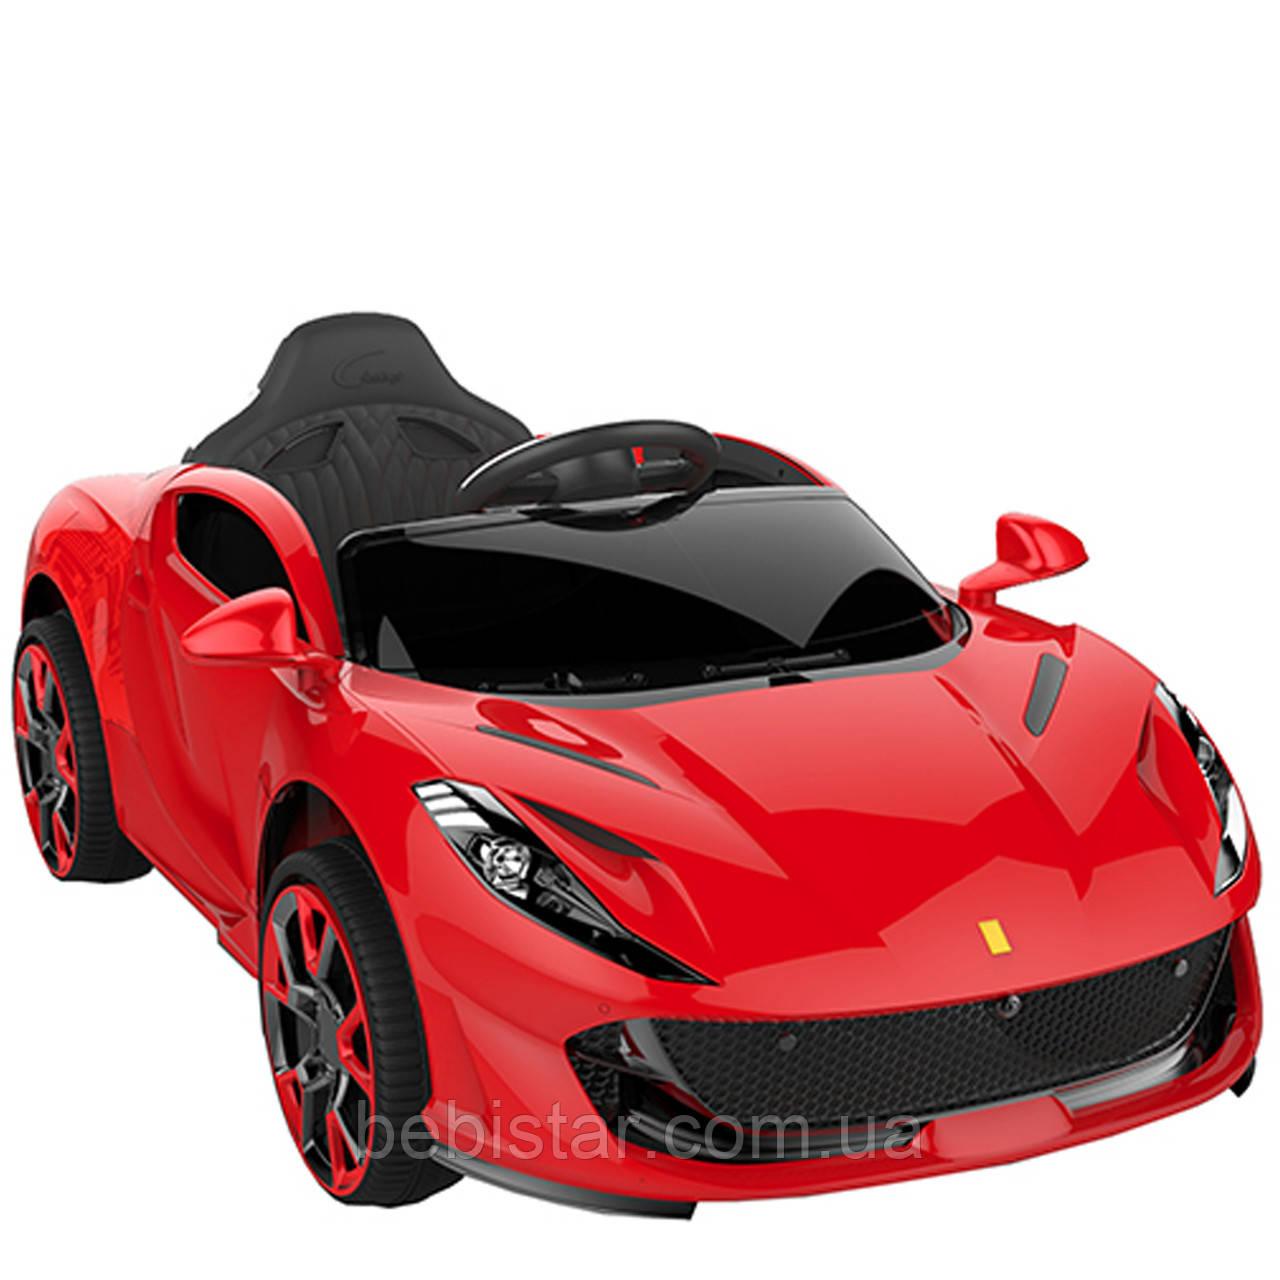 Электромобиль спортивный красный детский от 3-х до 8-ми лет КолесаEVA пульт мотор 2*25W аккумулятор 12V4.5AH